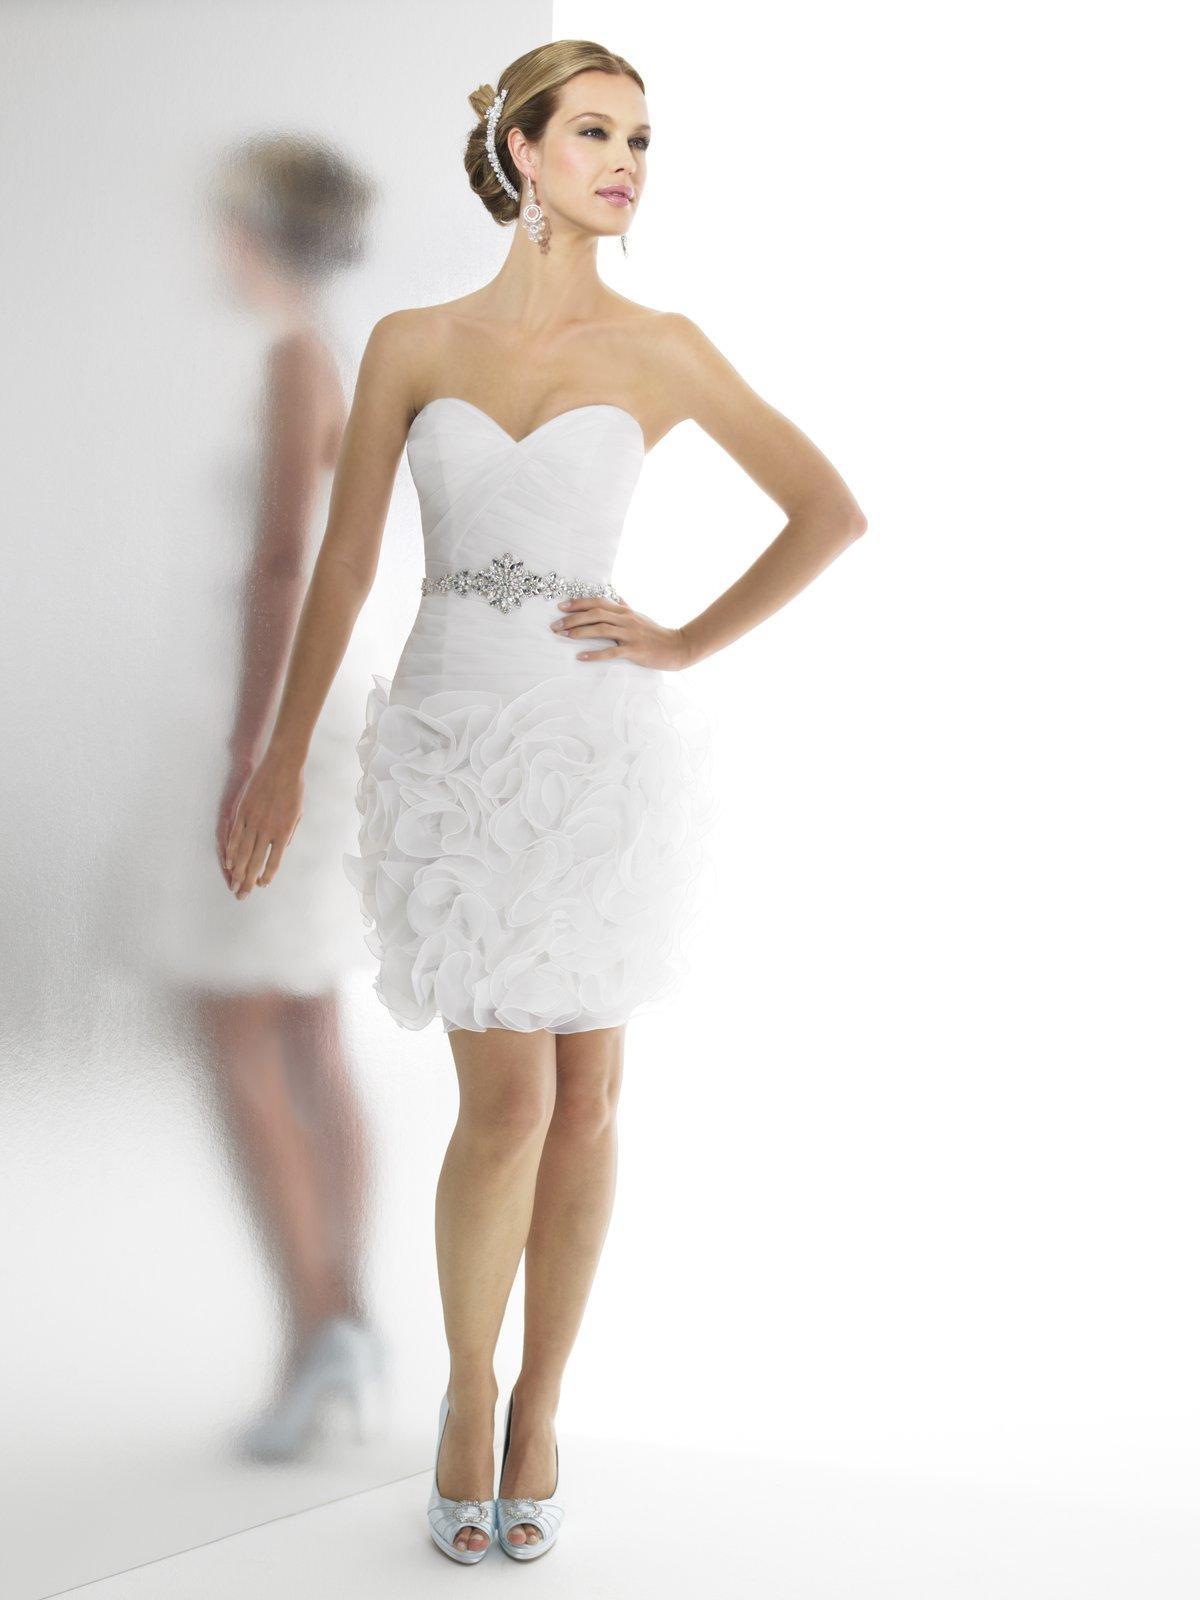 بالصور فساتين اعراس قصيرة 2019 , ملابس سواريه جميلة 176 8